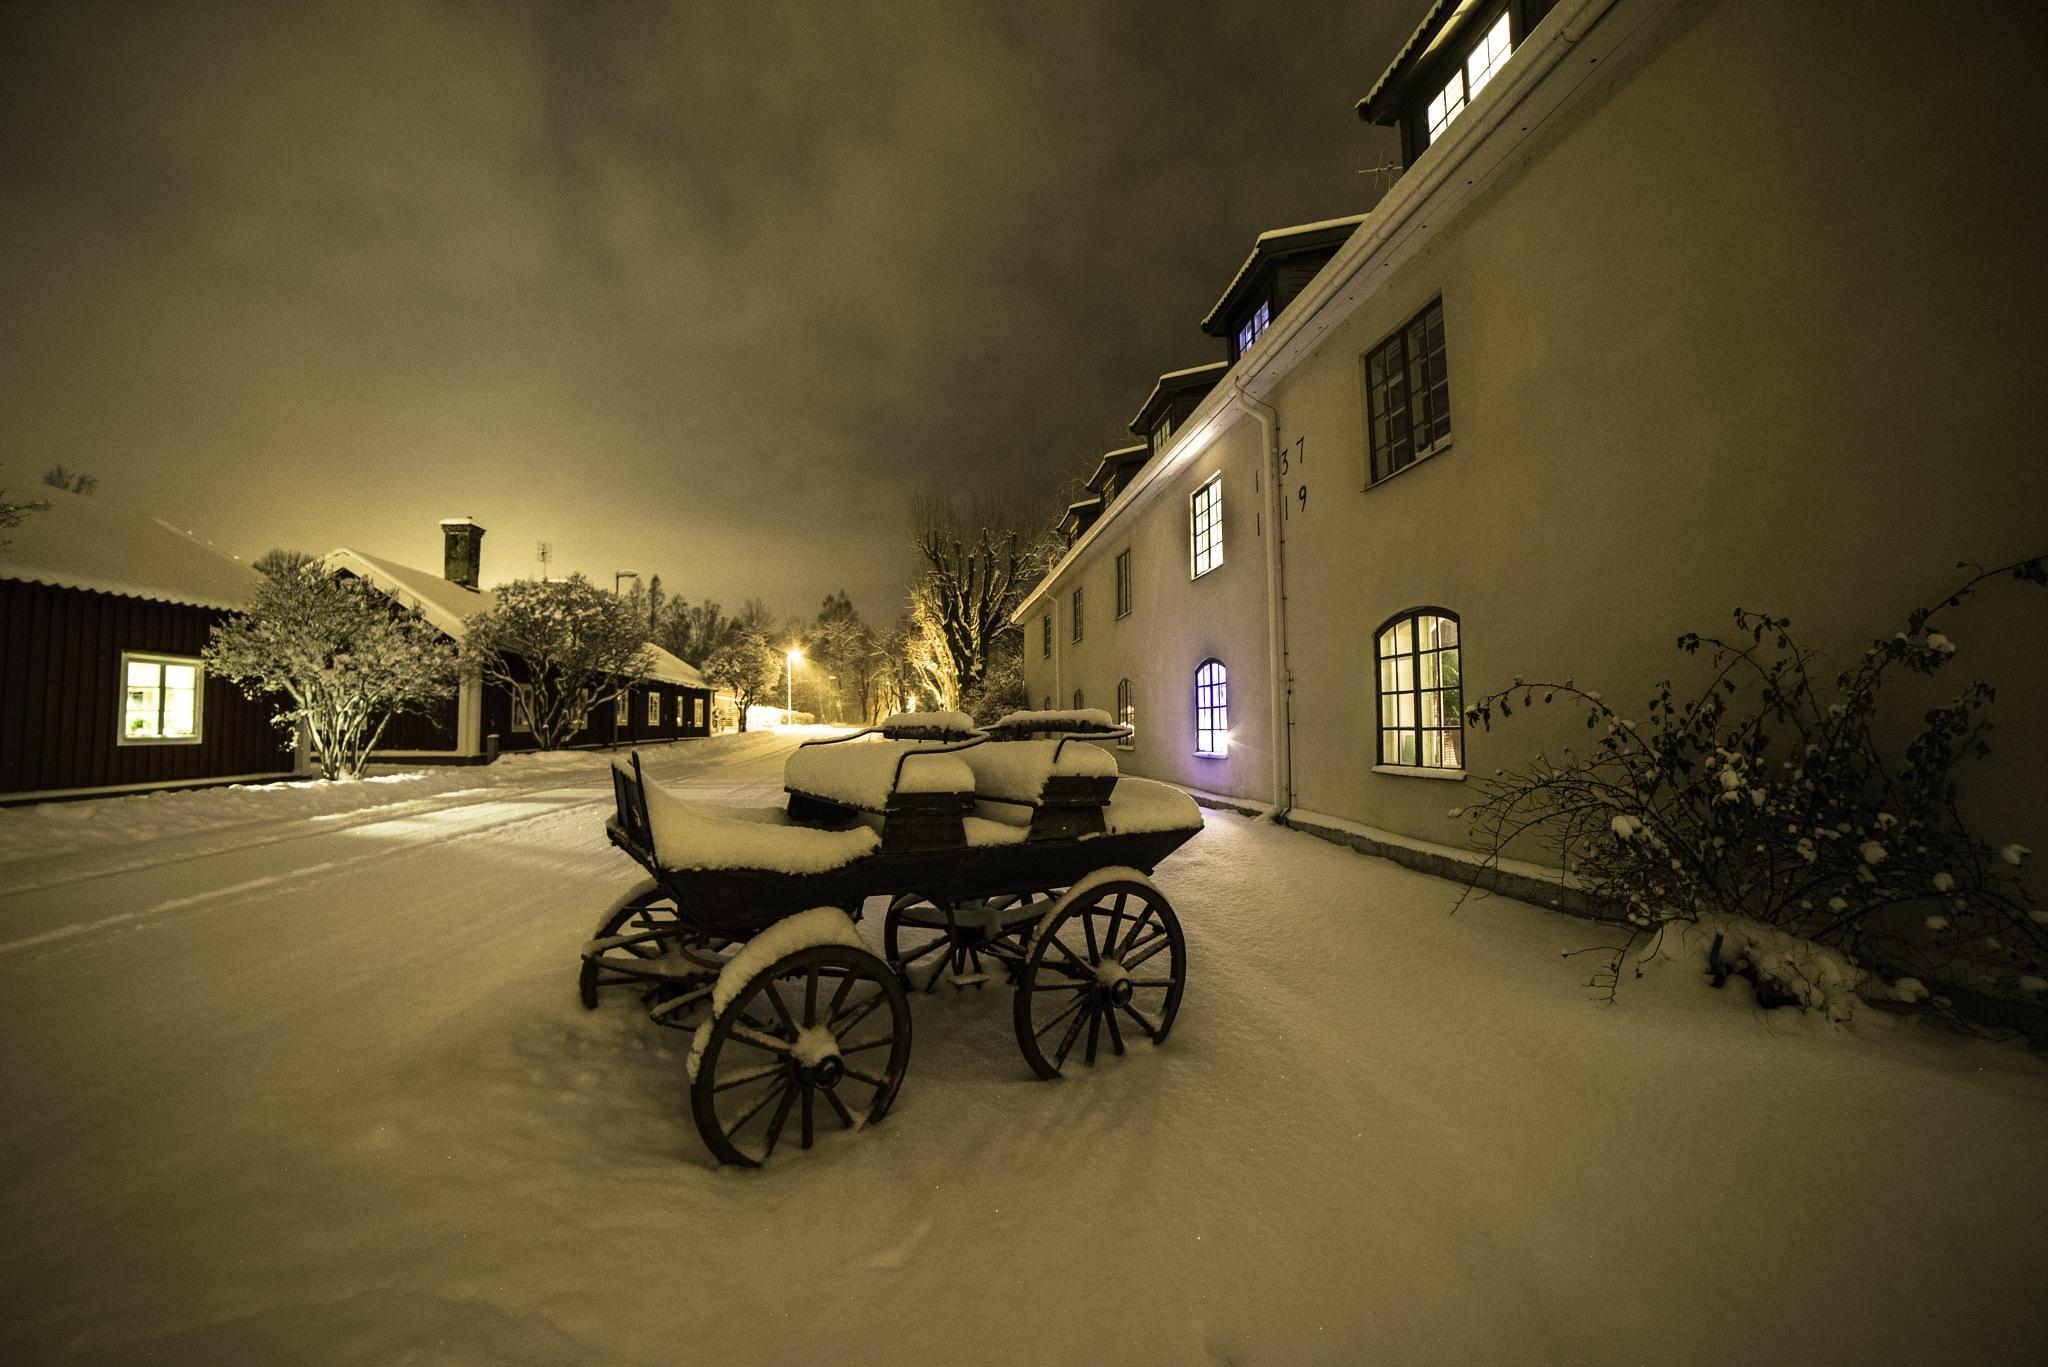 I live here  by Niclaskrog